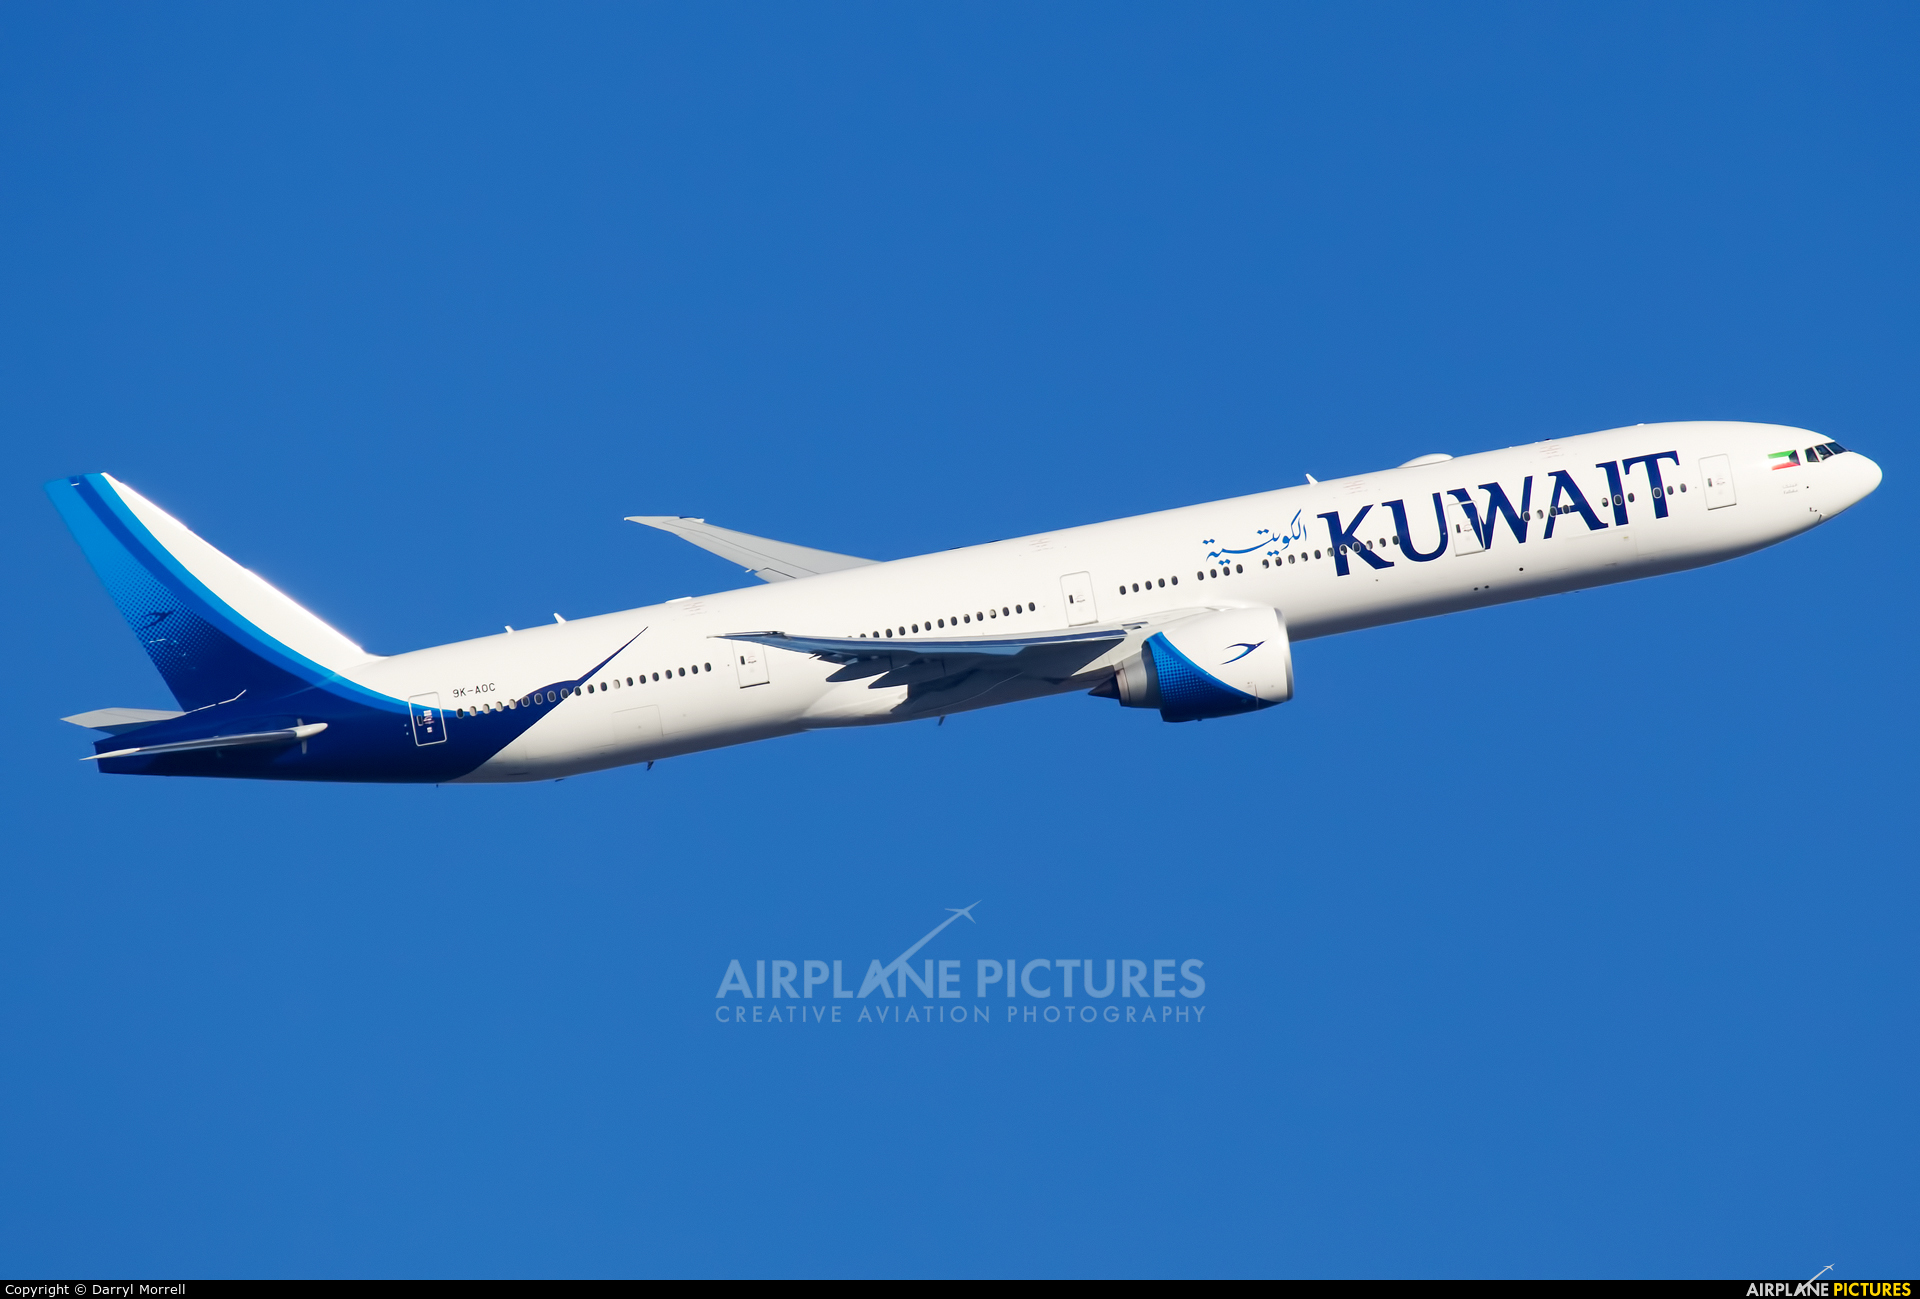 9K-AOC - Kuwait Airways Boeing 777-300ER at London ...